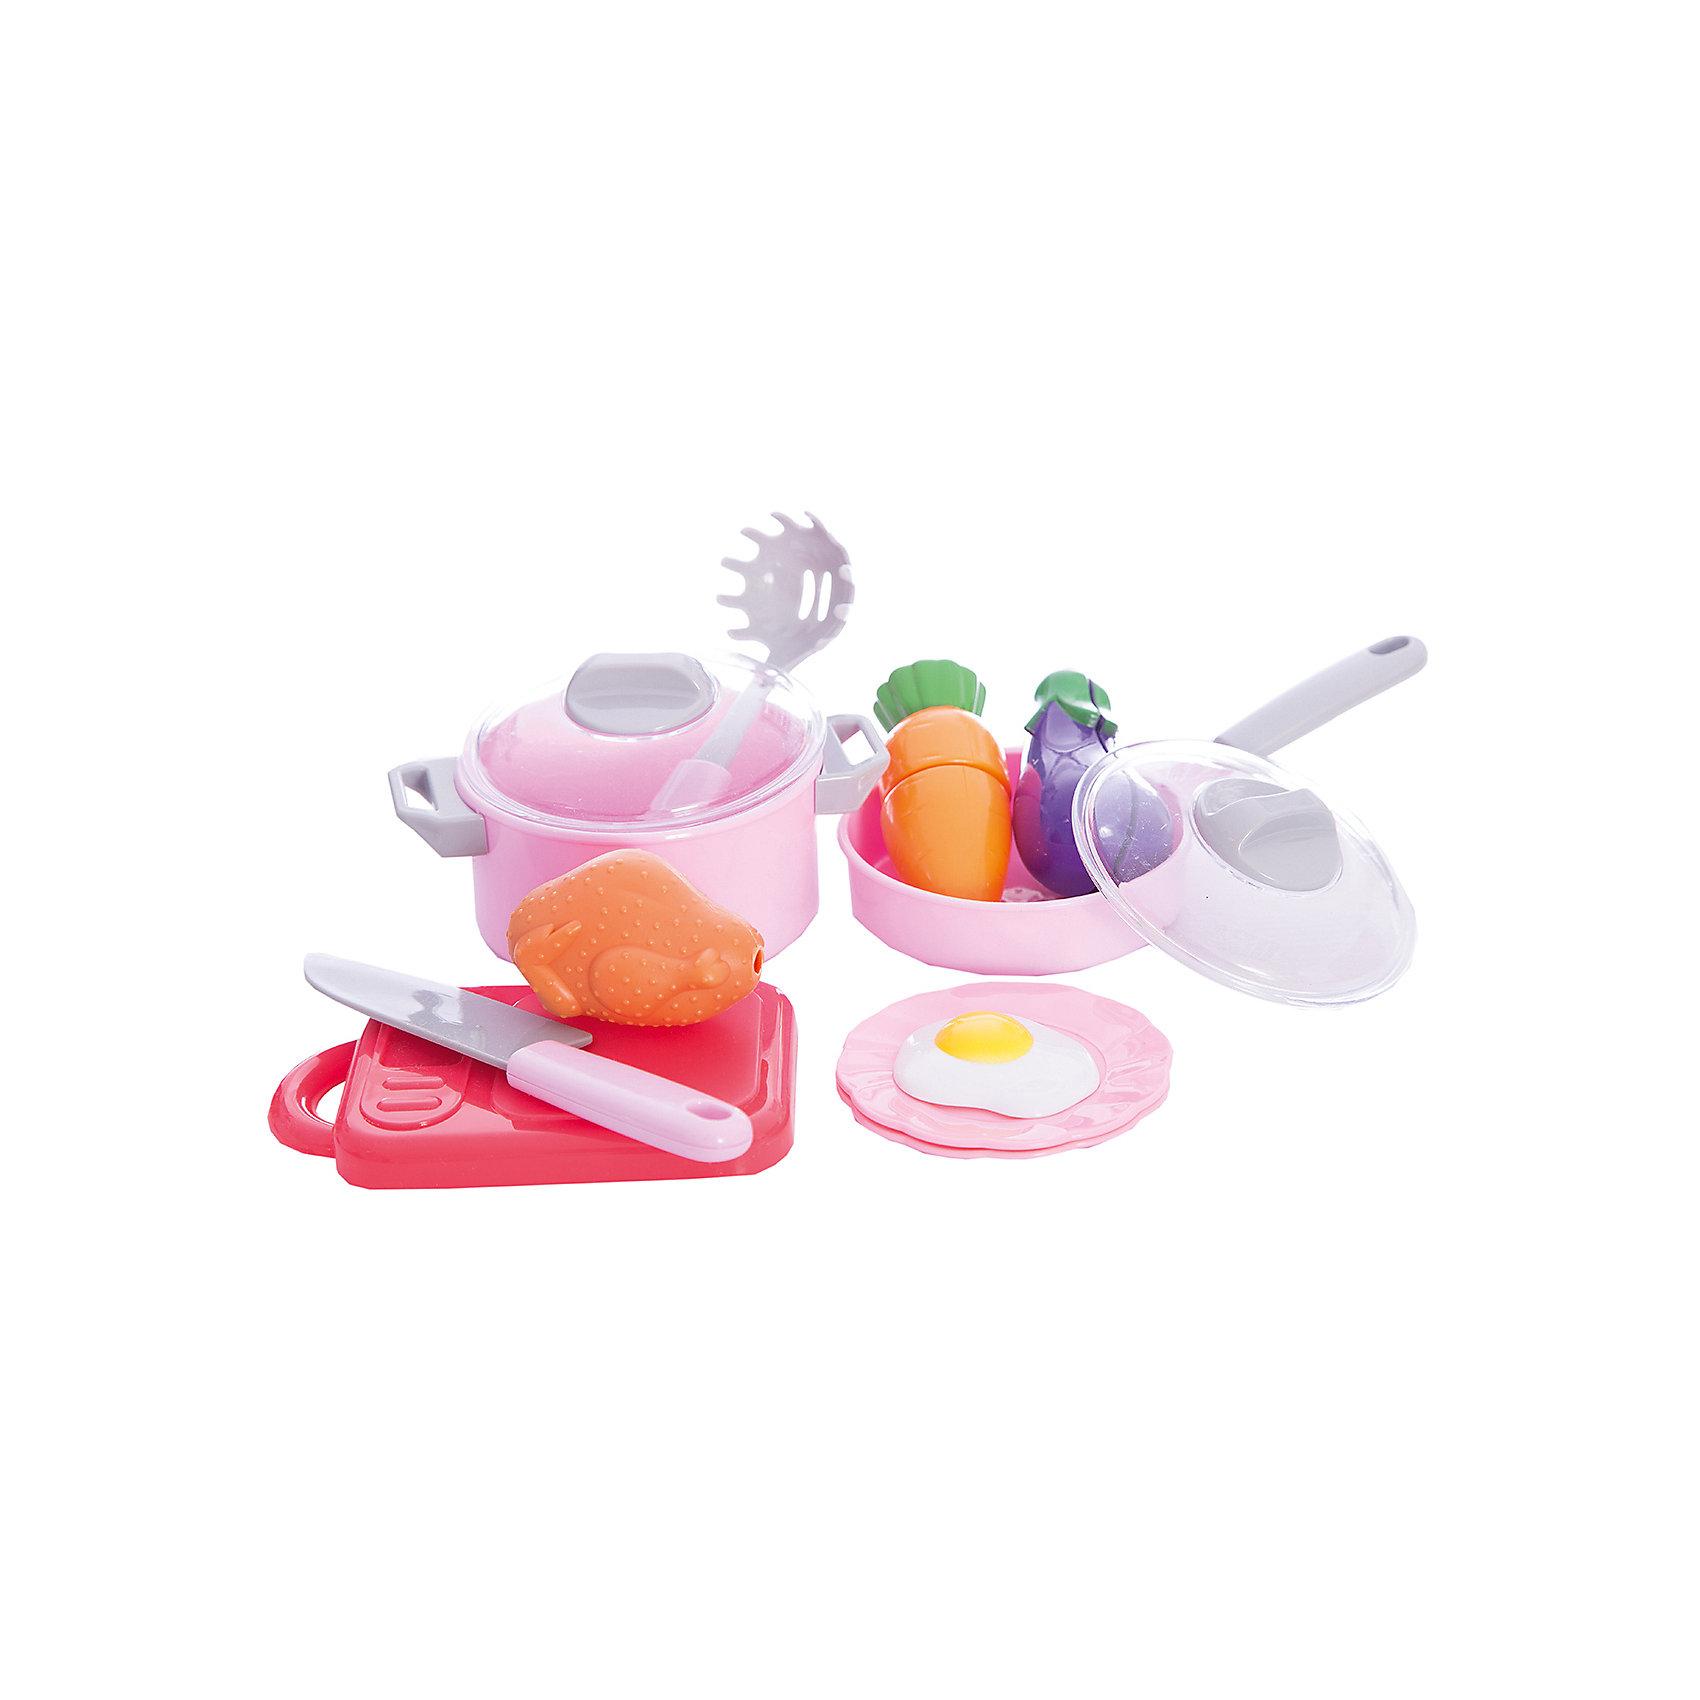 Набор посуды для готовки в сетке, 12 предметов, Mary PoppinsНабор посуды для готовки в сетке, 12 предметов, Mary Poppins.<br><br>Характеристики:<br><br>• Комплектация: разделочная доска, нож, сковорода с крышкой, кастрюля с крышкой, 2 части моркови, 2 части баклажана, курица, яичница, ложка для спагетти, 2 тарелки<br>• Материал: пластмасса<br>• Упаковка: сетка<br><br>Игровой набор для готовки от компании Mary Poppins состоит из игрушечной посуды и игрушечных продуктов. Овощи (баклажан и морковь) мальчики и девочки смогут разрезать на две части, используя пластмассовый ножик. А используя кастрюлю, сковородку и муляжи продуктов (курицу и яичницу), приготовить разнообразные воображаемые блюда. Набор для готовки станет прекрасным дополнением детской кухни или другой кухонной посуды вашего ребенка. Играя с набором, ваш малыш разовьет воображение и получит начальные навыки работы с ножом. Все элементы набора изготовлены из качественной гипоаллергенной пластмассы.<br><br>Набор посуды для готовки в сетке, 12 предметов, Mary Poppins можно купить в нашем интернет-магазине.<br><br>Ширина мм: 200<br>Глубина мм: 80<br>Высота мм: 150<br>Вес г: 238<br>Возраст от месяцев: 24<br>Возраст до месяцев: 2147483647<br>Пол: Женский<br>Возраст: Детский<br>SKU: 5402763